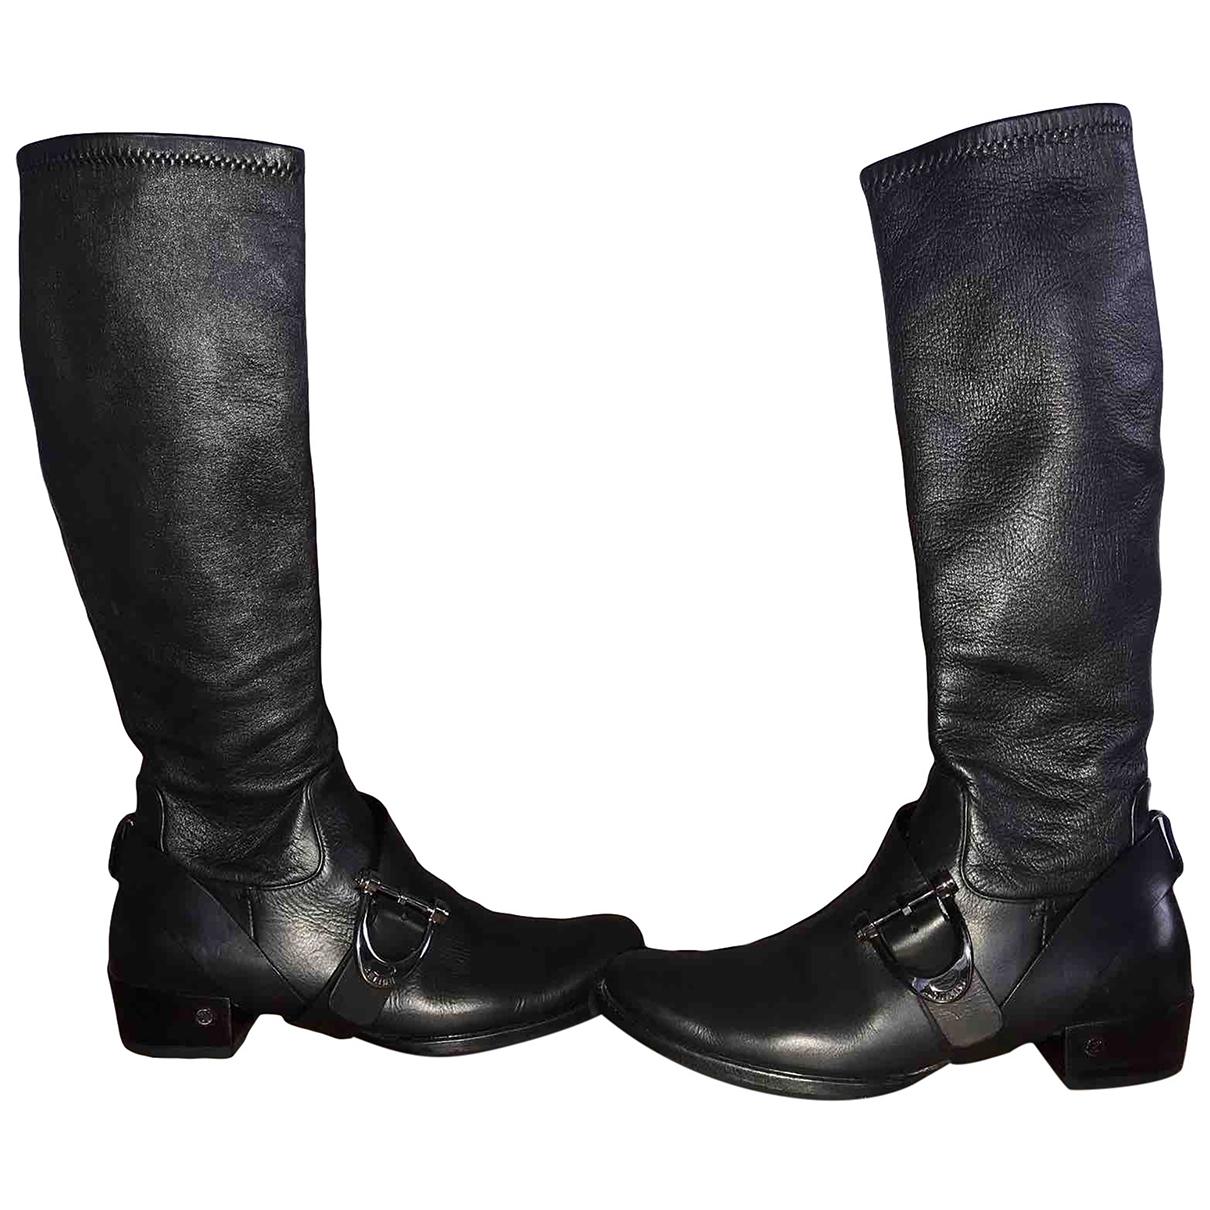 Celine - Bottes Folco pour femme en cuir - noir